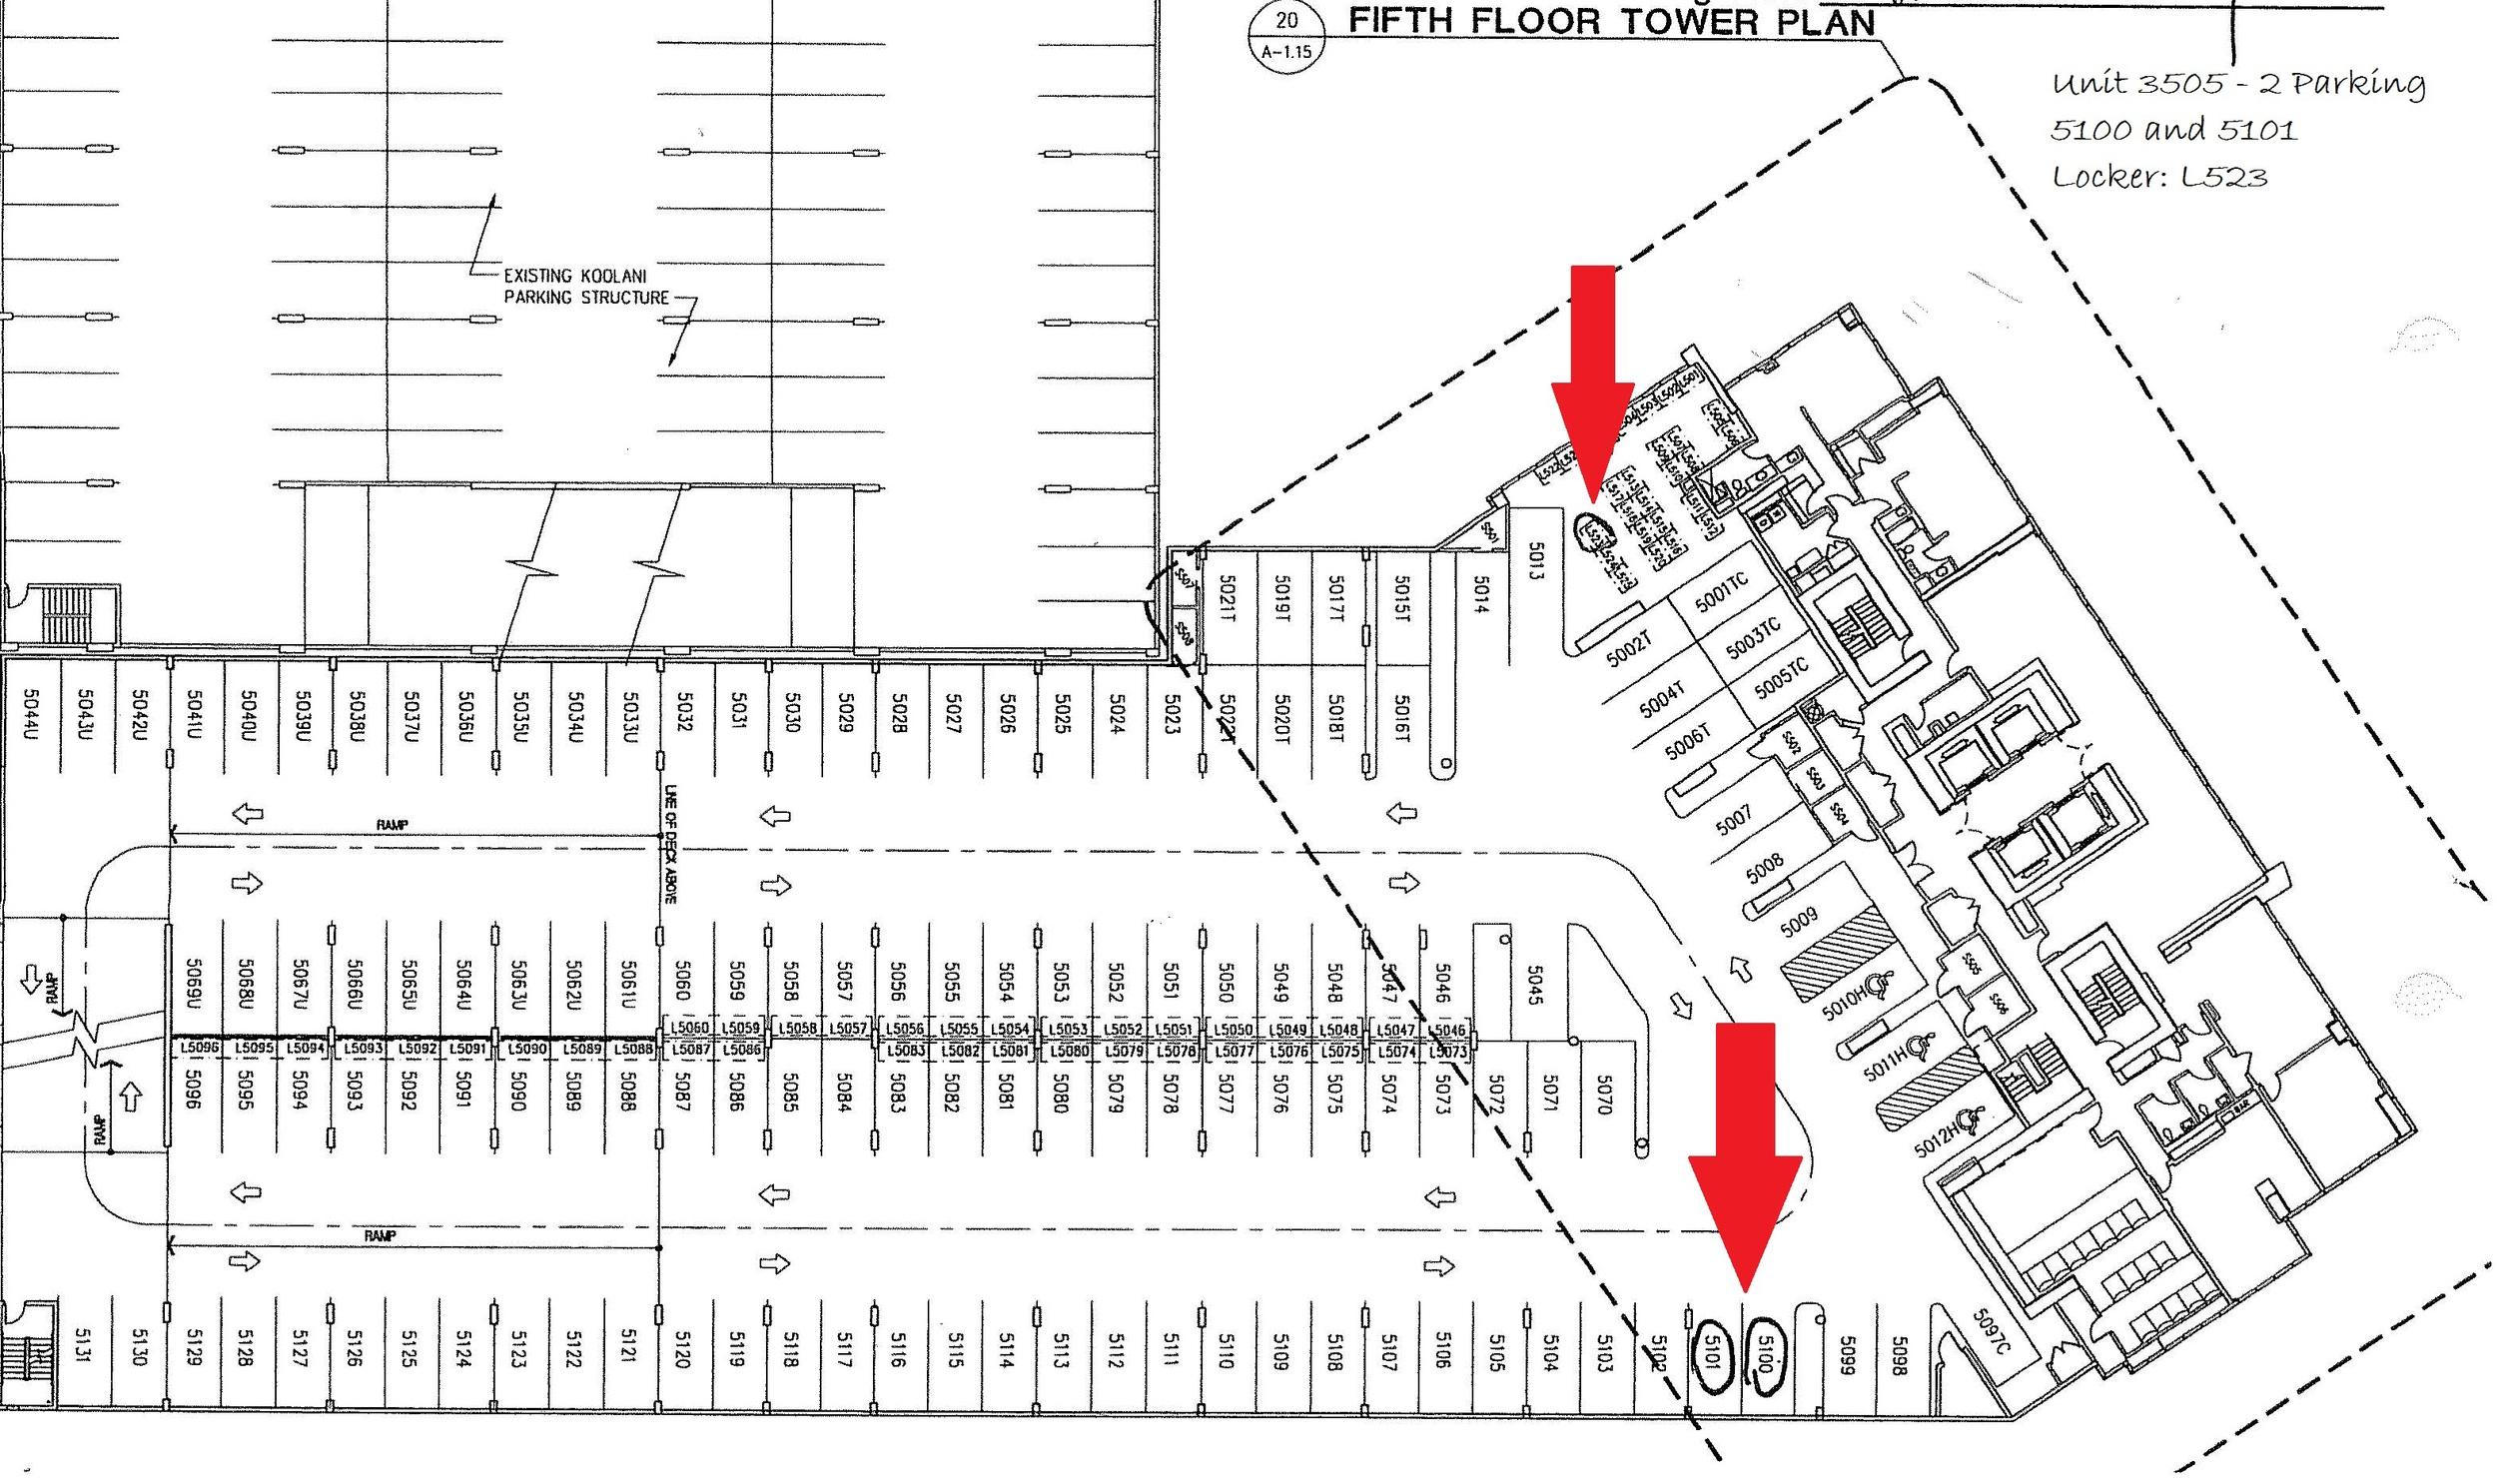 2 Parking & Storage S217 - 2nd Floor